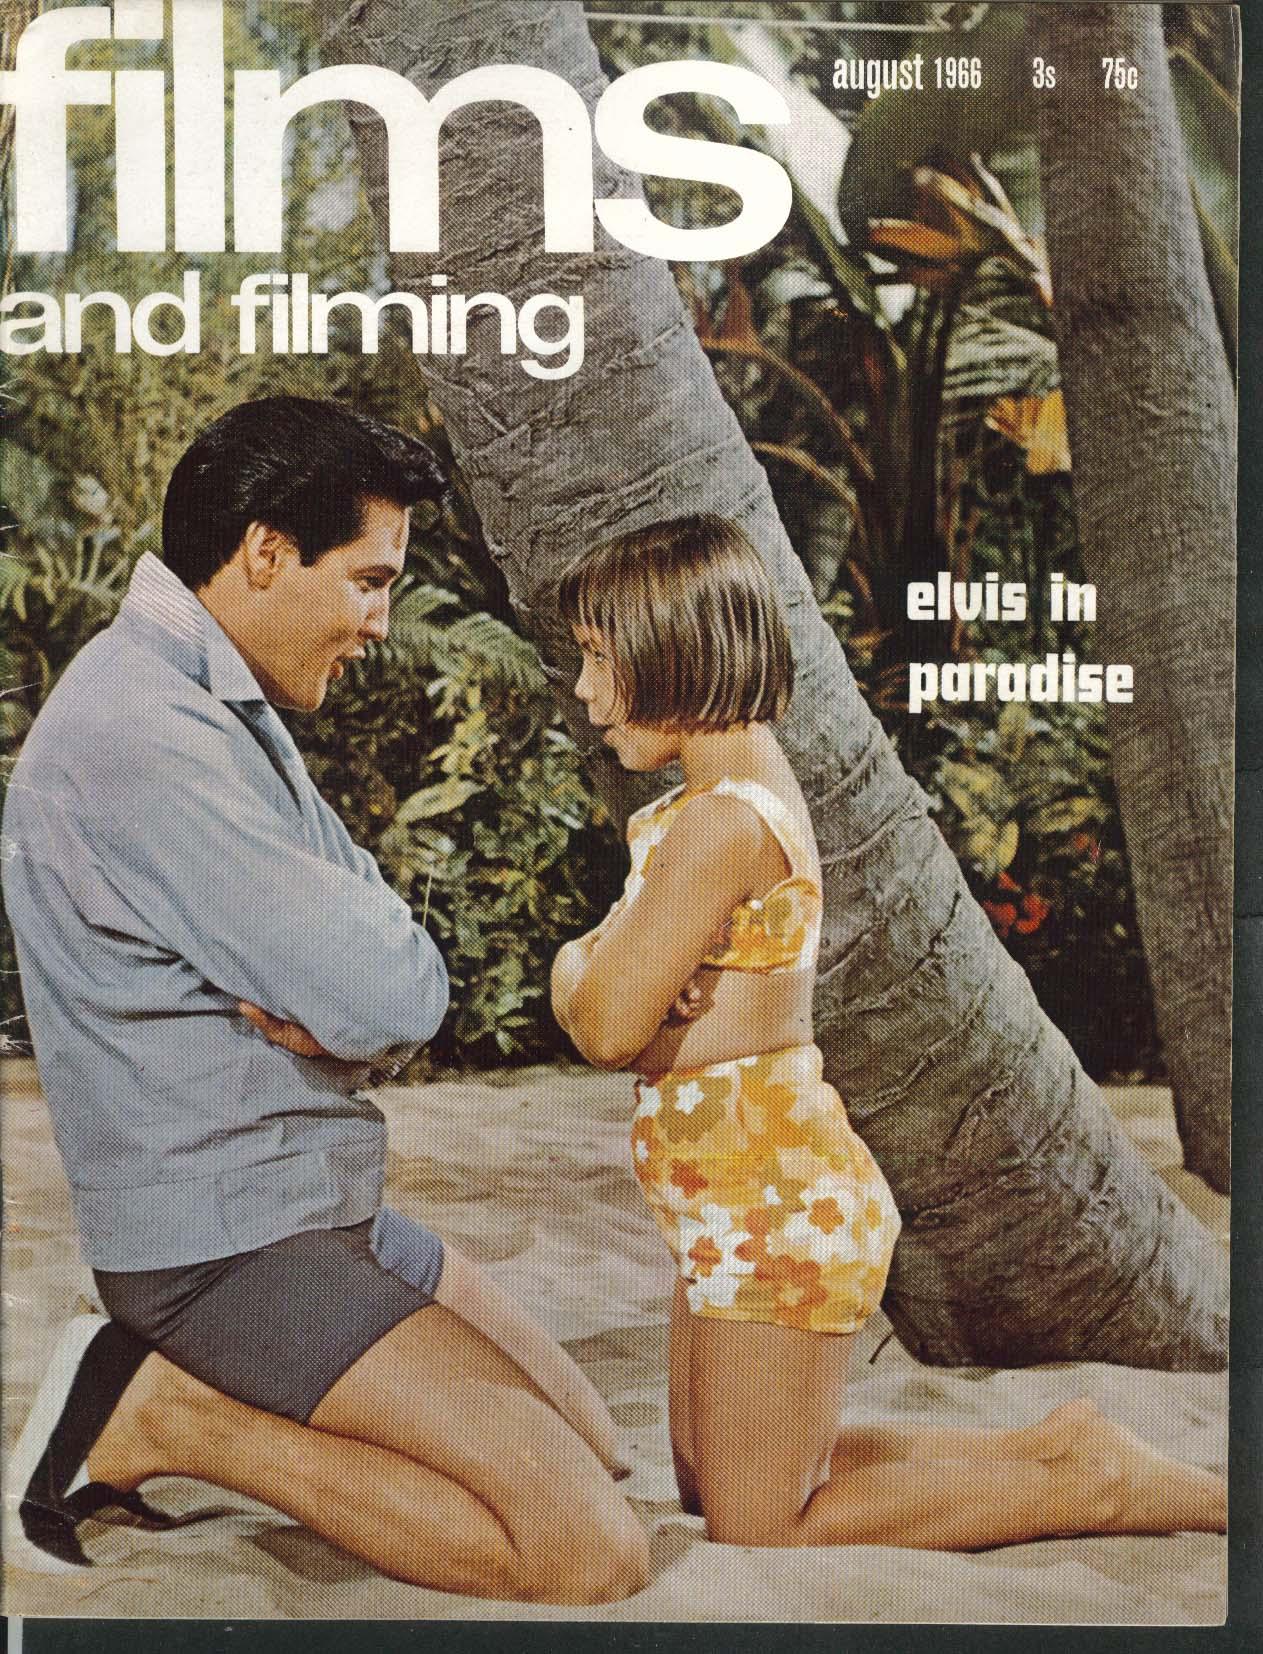 FILMS & FILMING Elvis Orson Welles Falstaff 8 1966